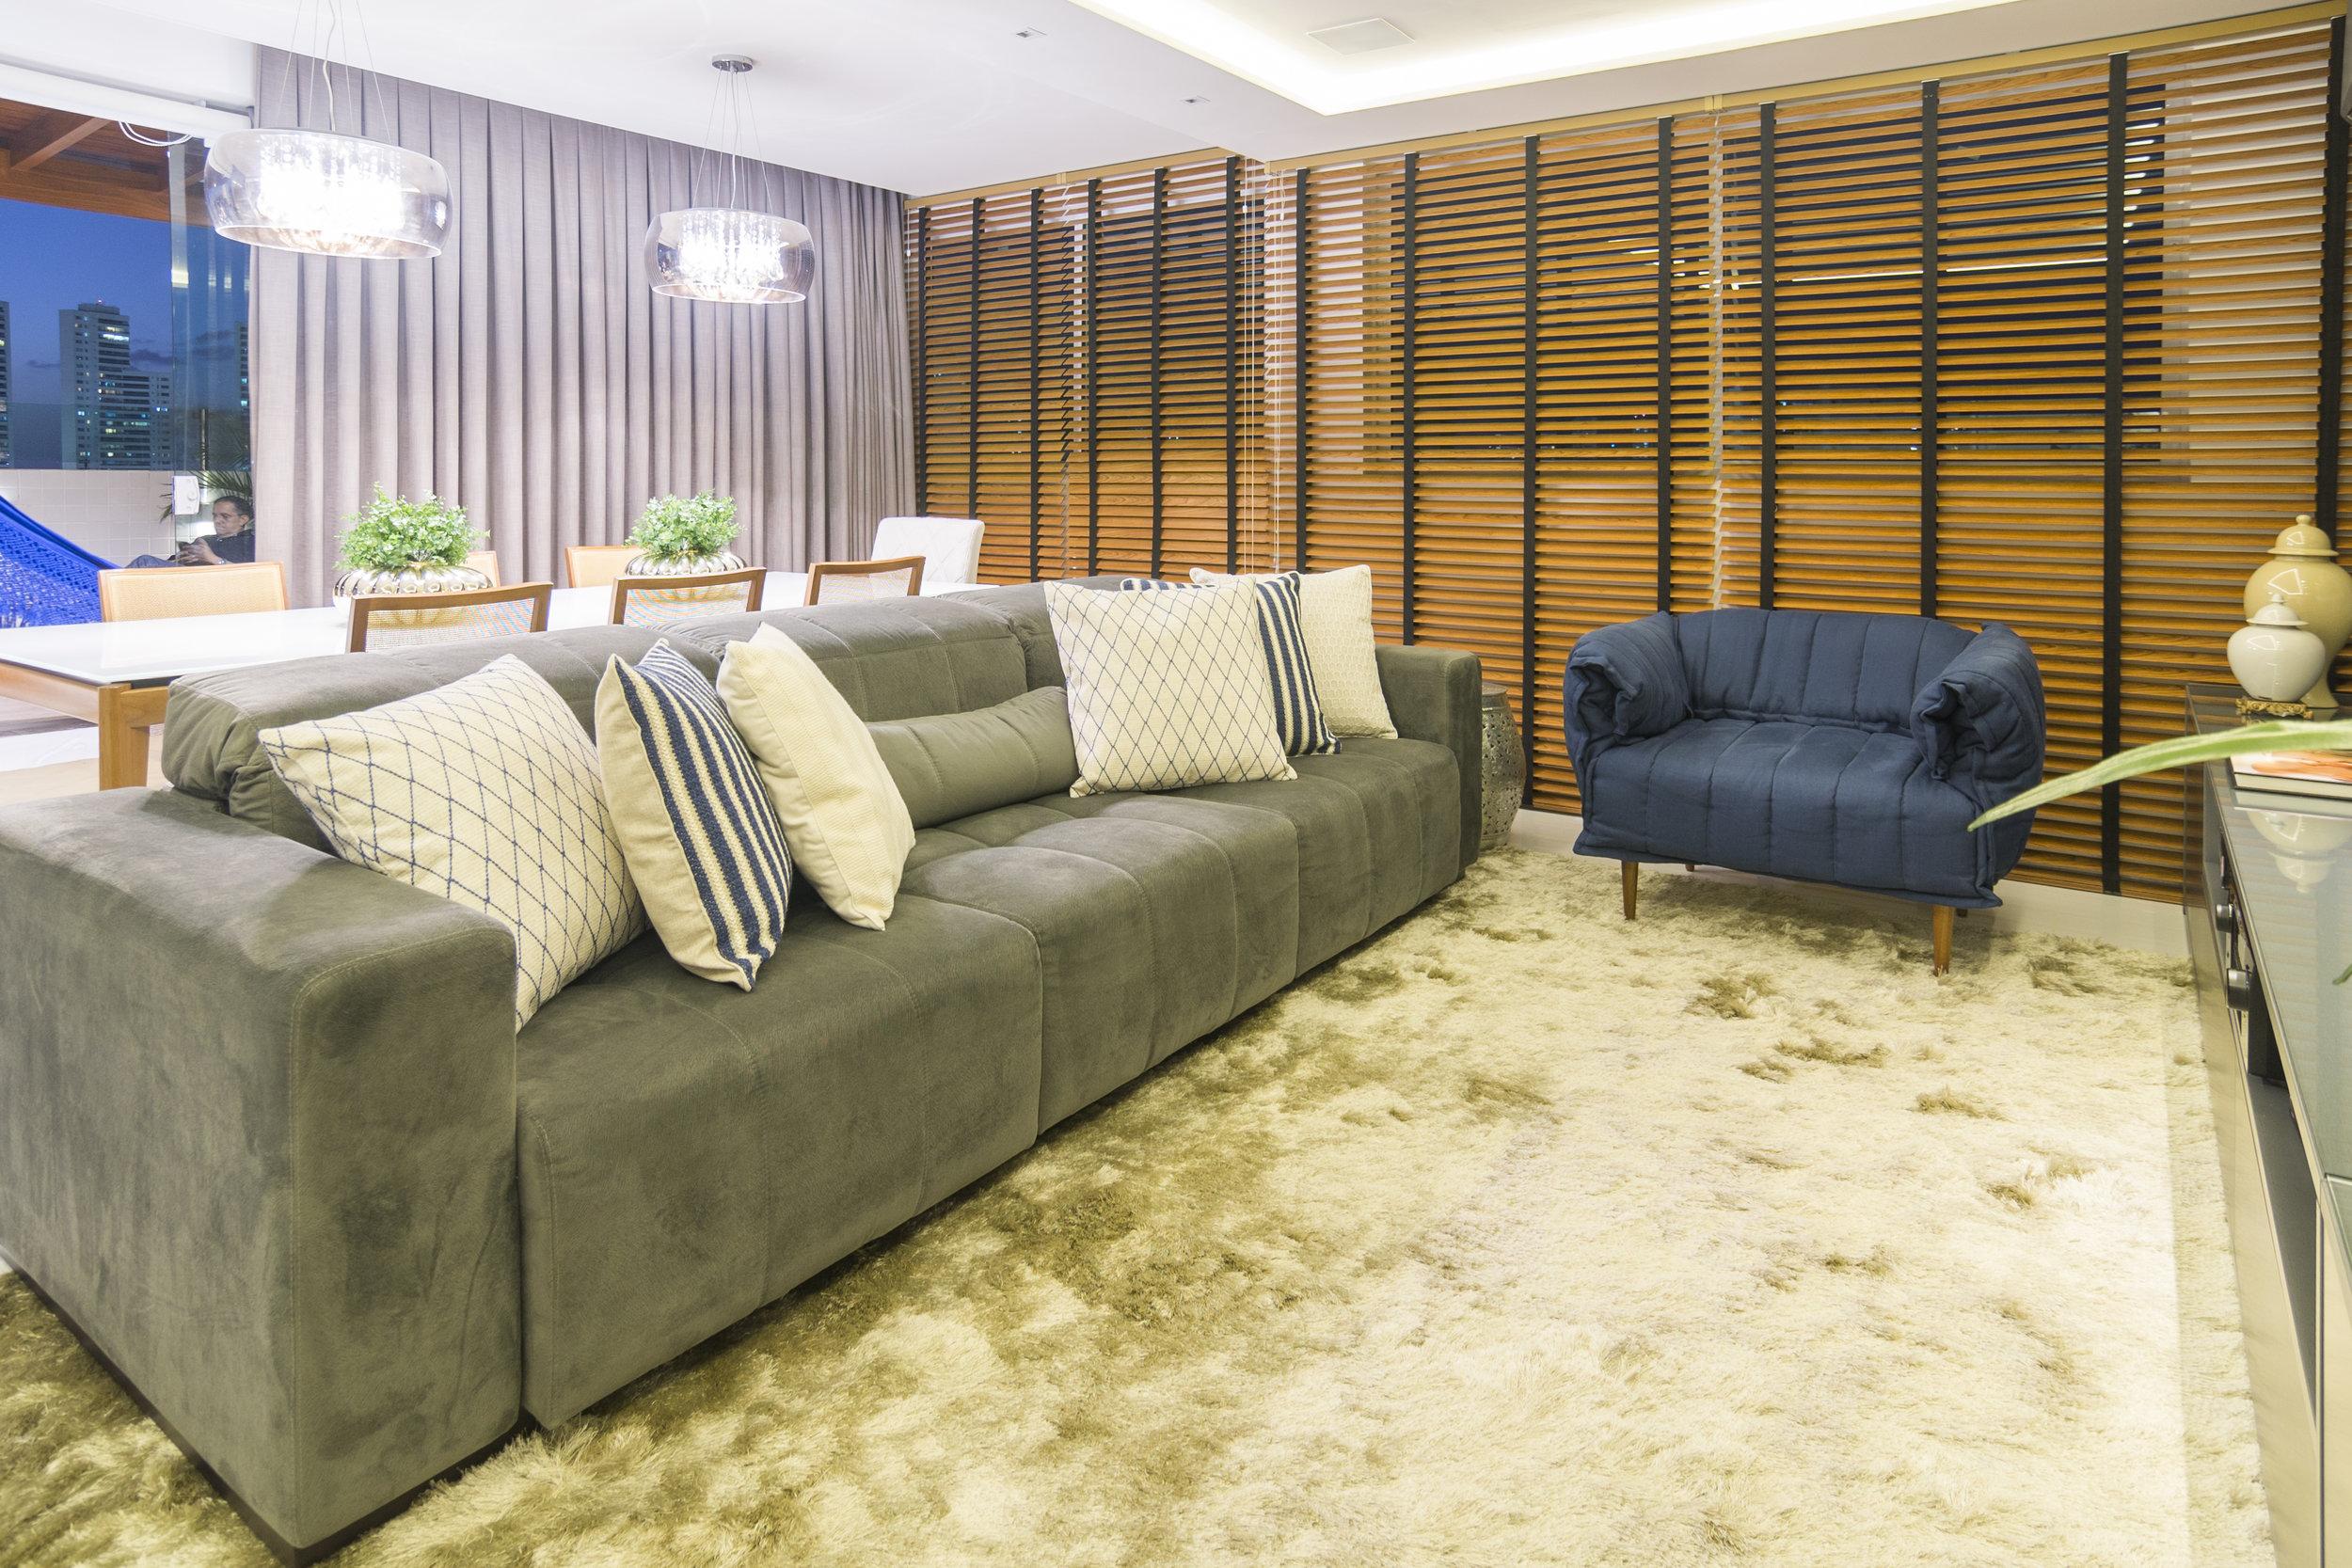 projeto-arquitetonico-robertoindira-duo-arquitetura-apartamentos-gourmet-014.jpg